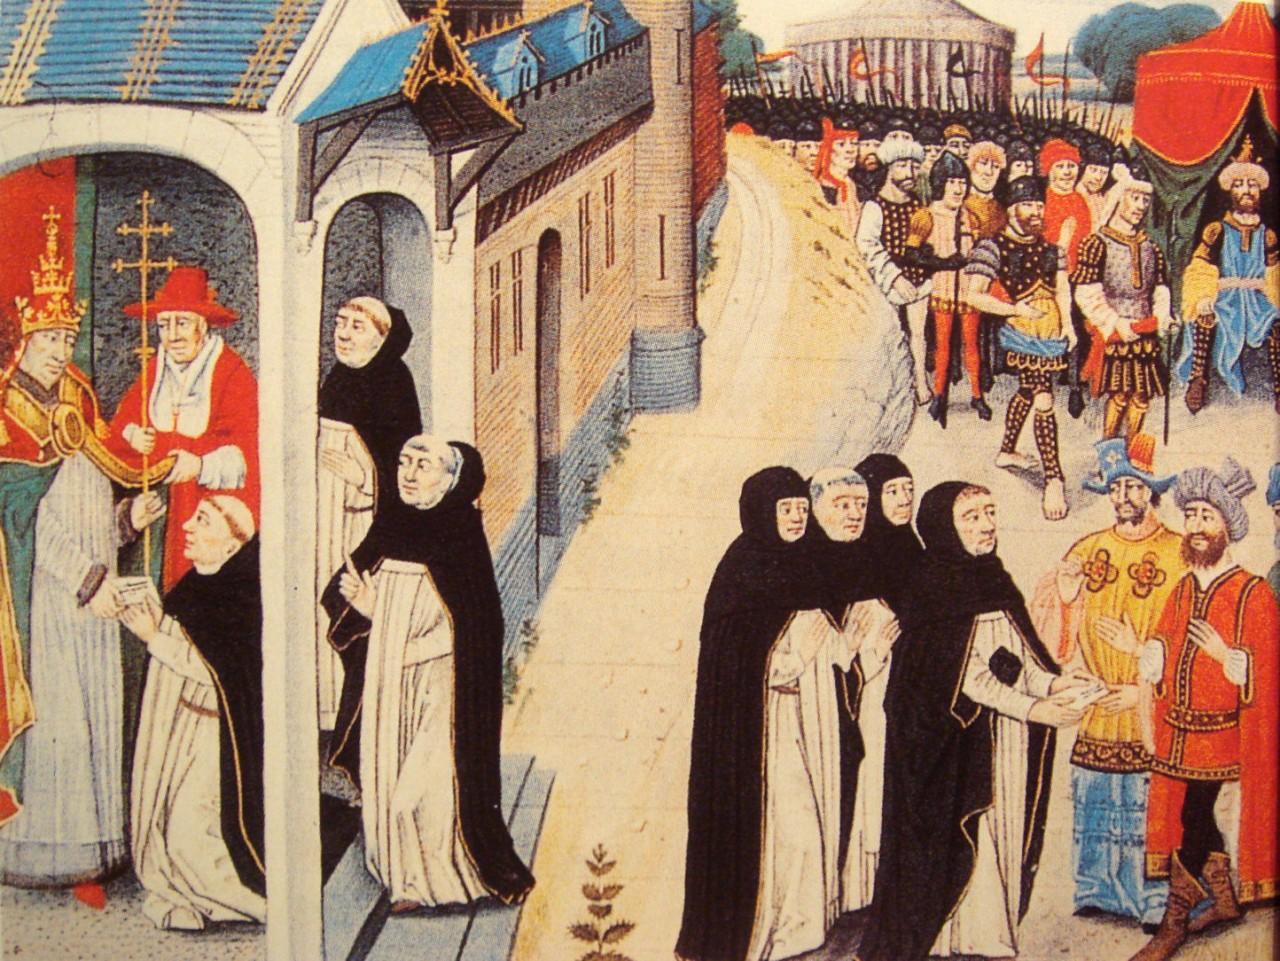 ИЗВЕСТИЯ ВЕНГЕРСКИХ МИССИОНЕРОВ (1235-1320) о татарах и восточной Европе